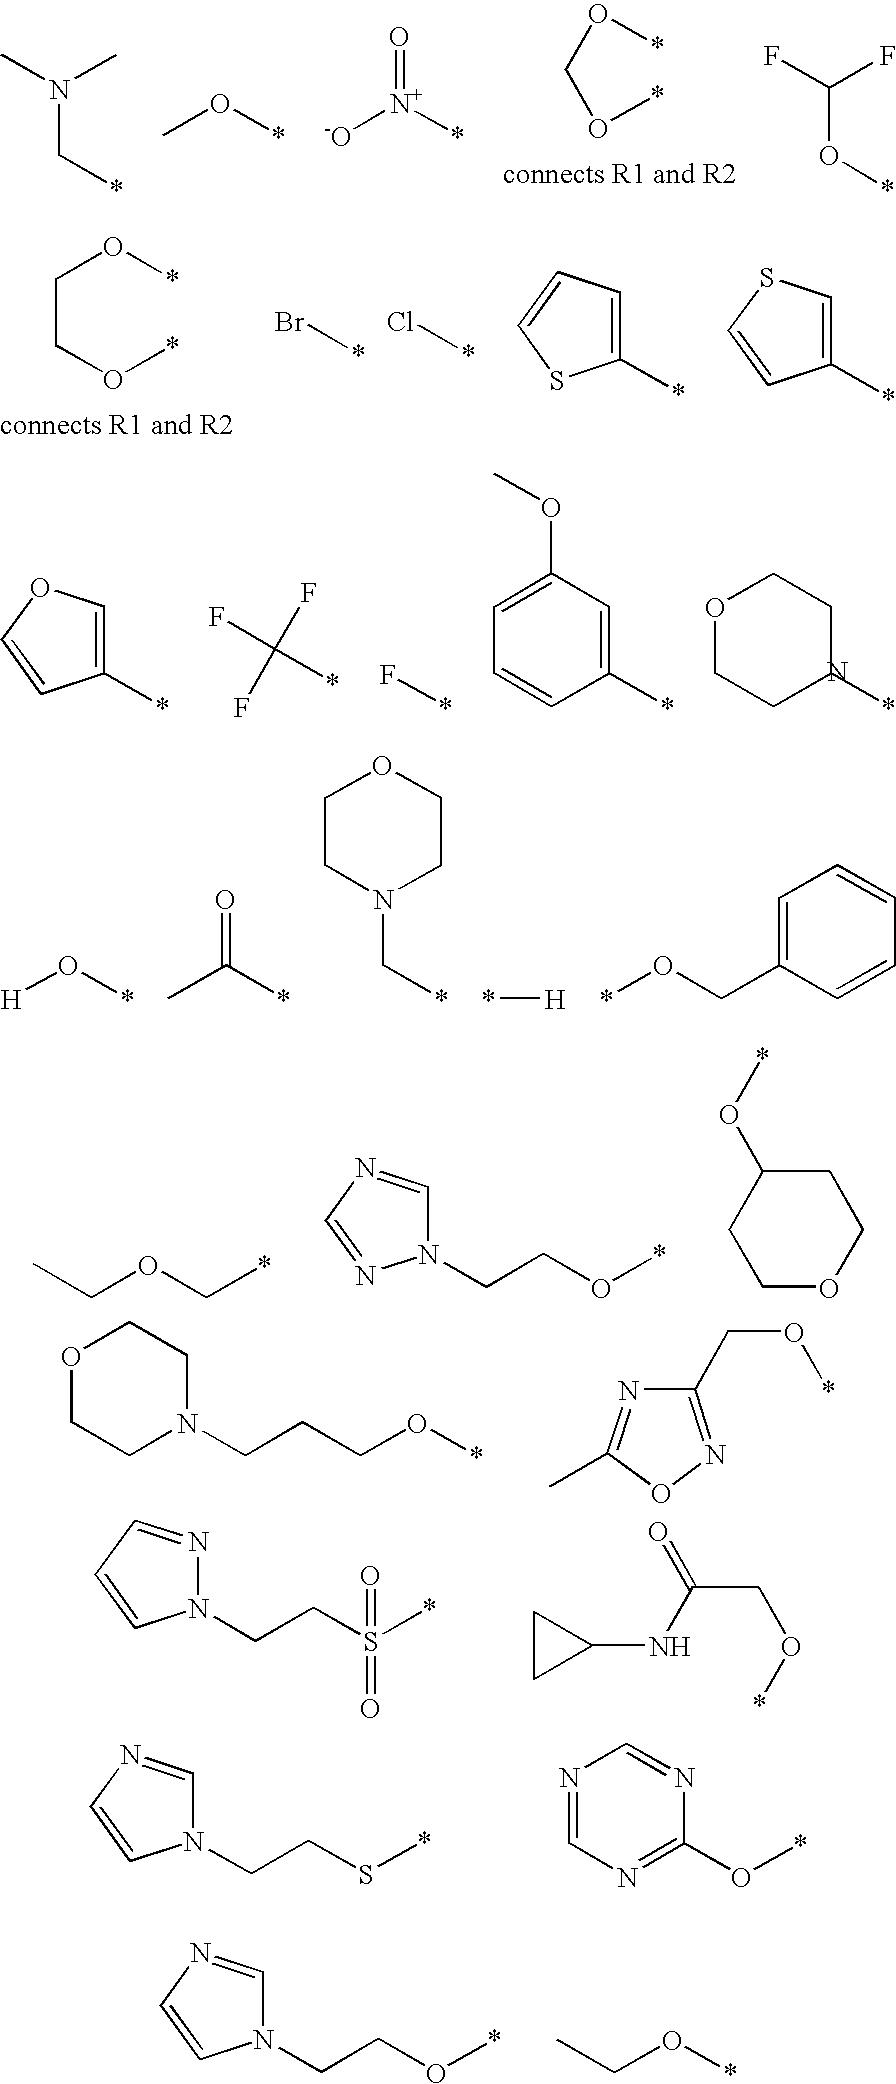 Figure US07781478-20100824-C00169